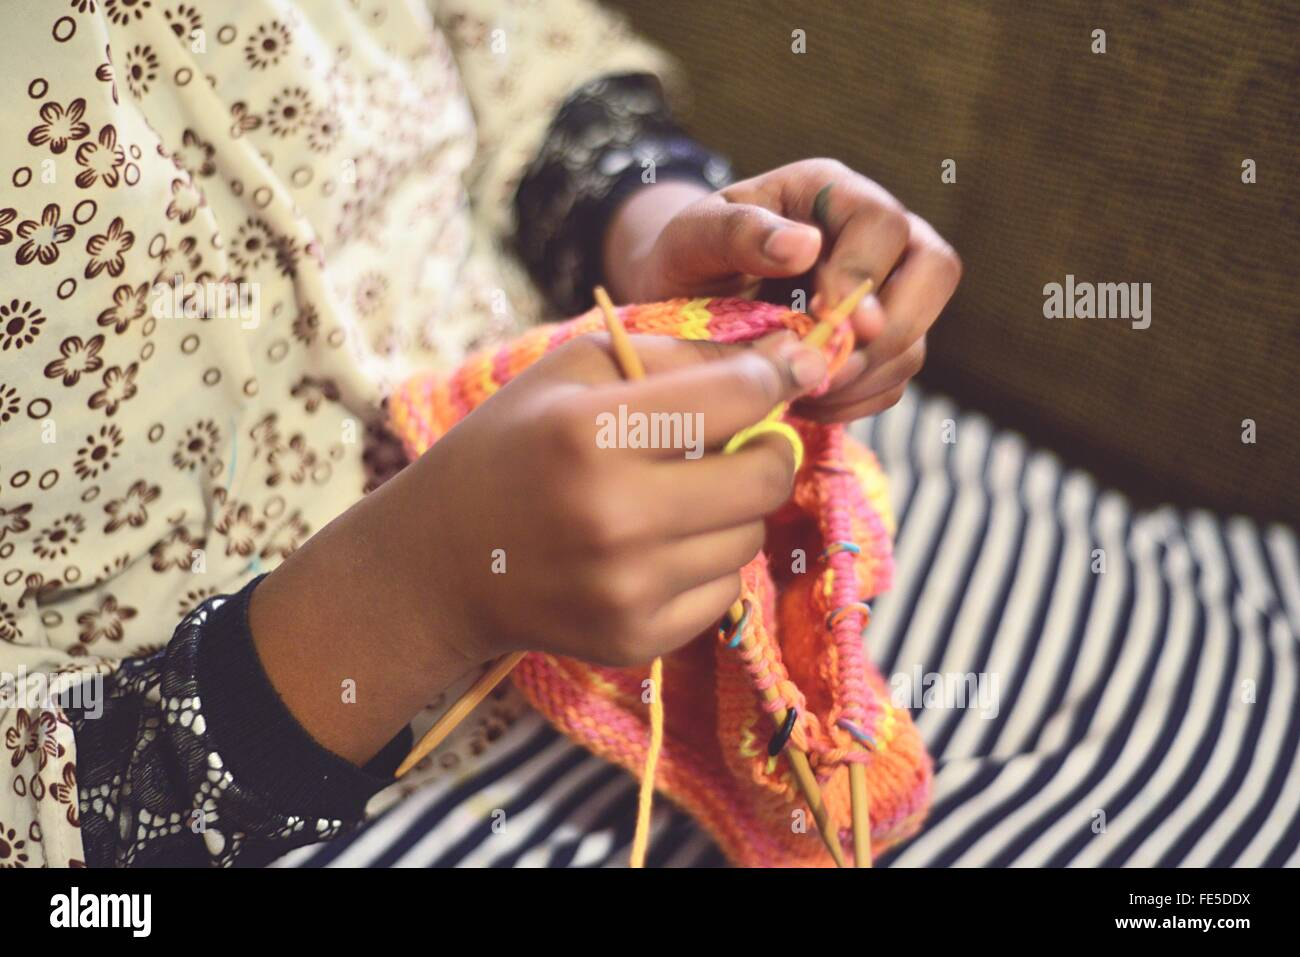 Manos de Mujer tejiendo Imagen De Stock